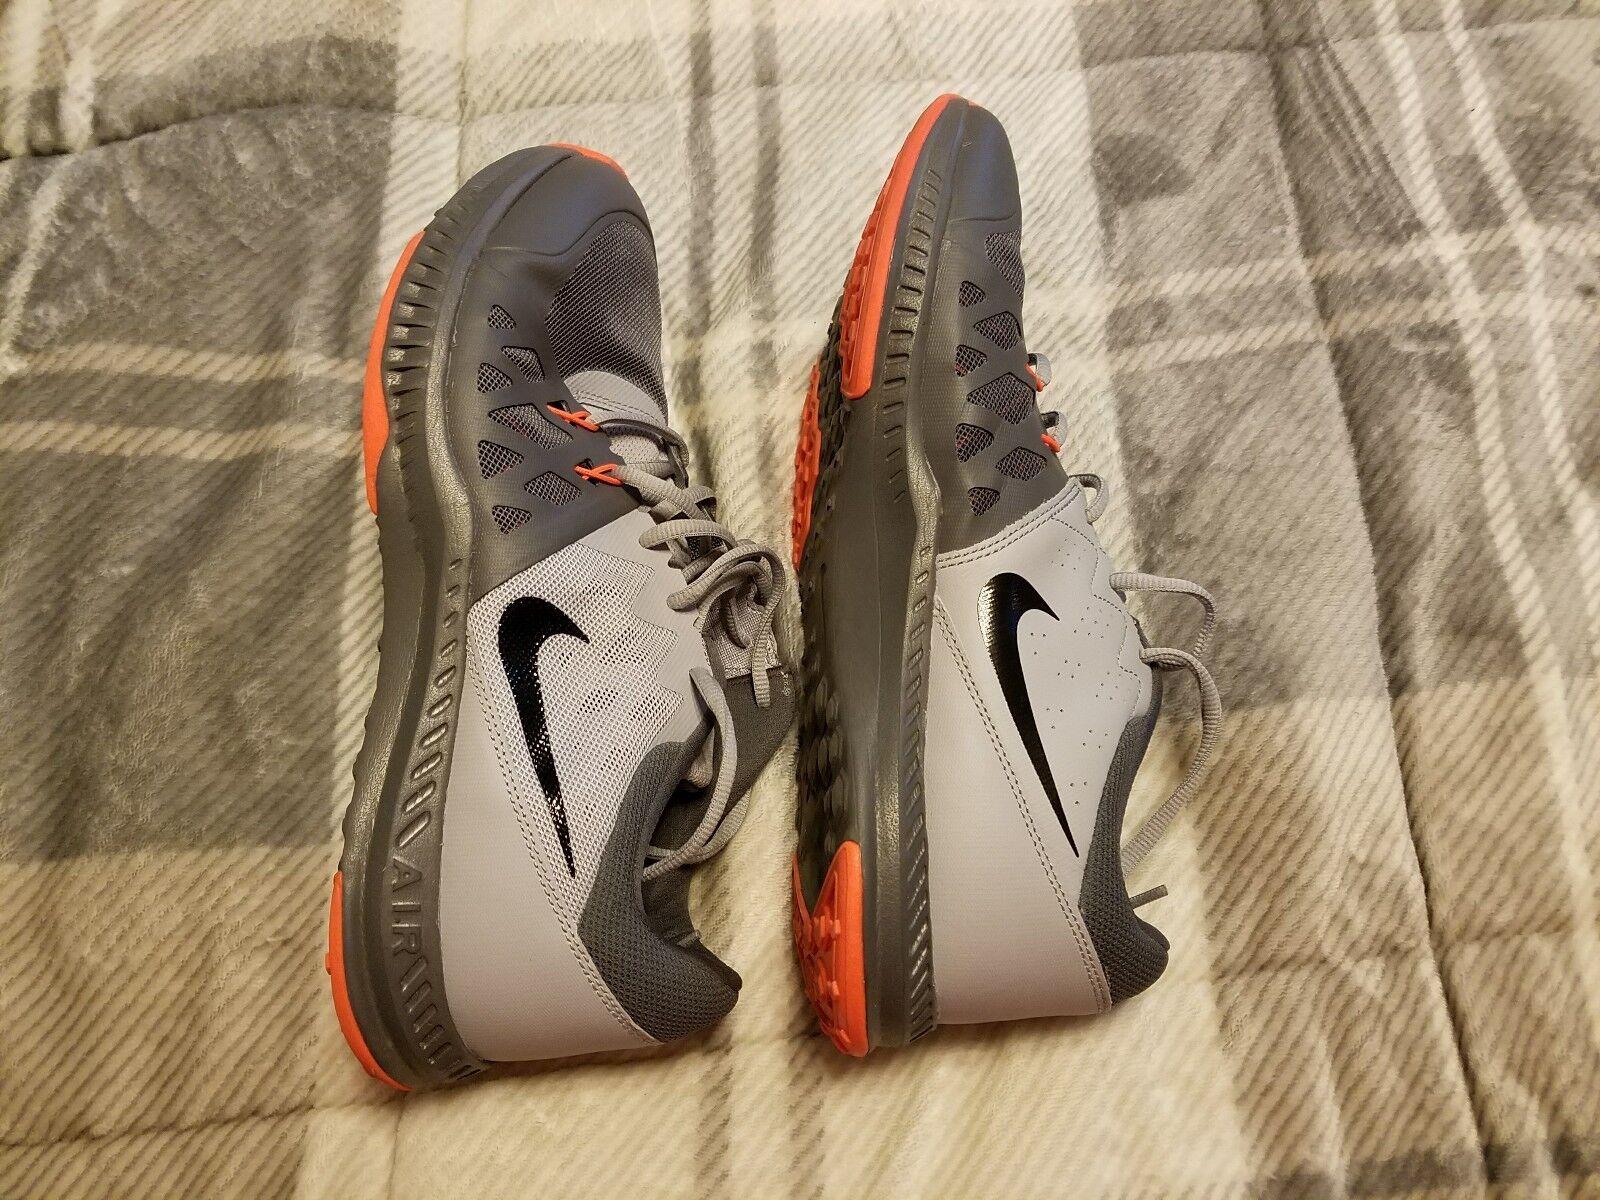 Mens nike air max sneakers size 11 Gray/Dark Gary and Orange